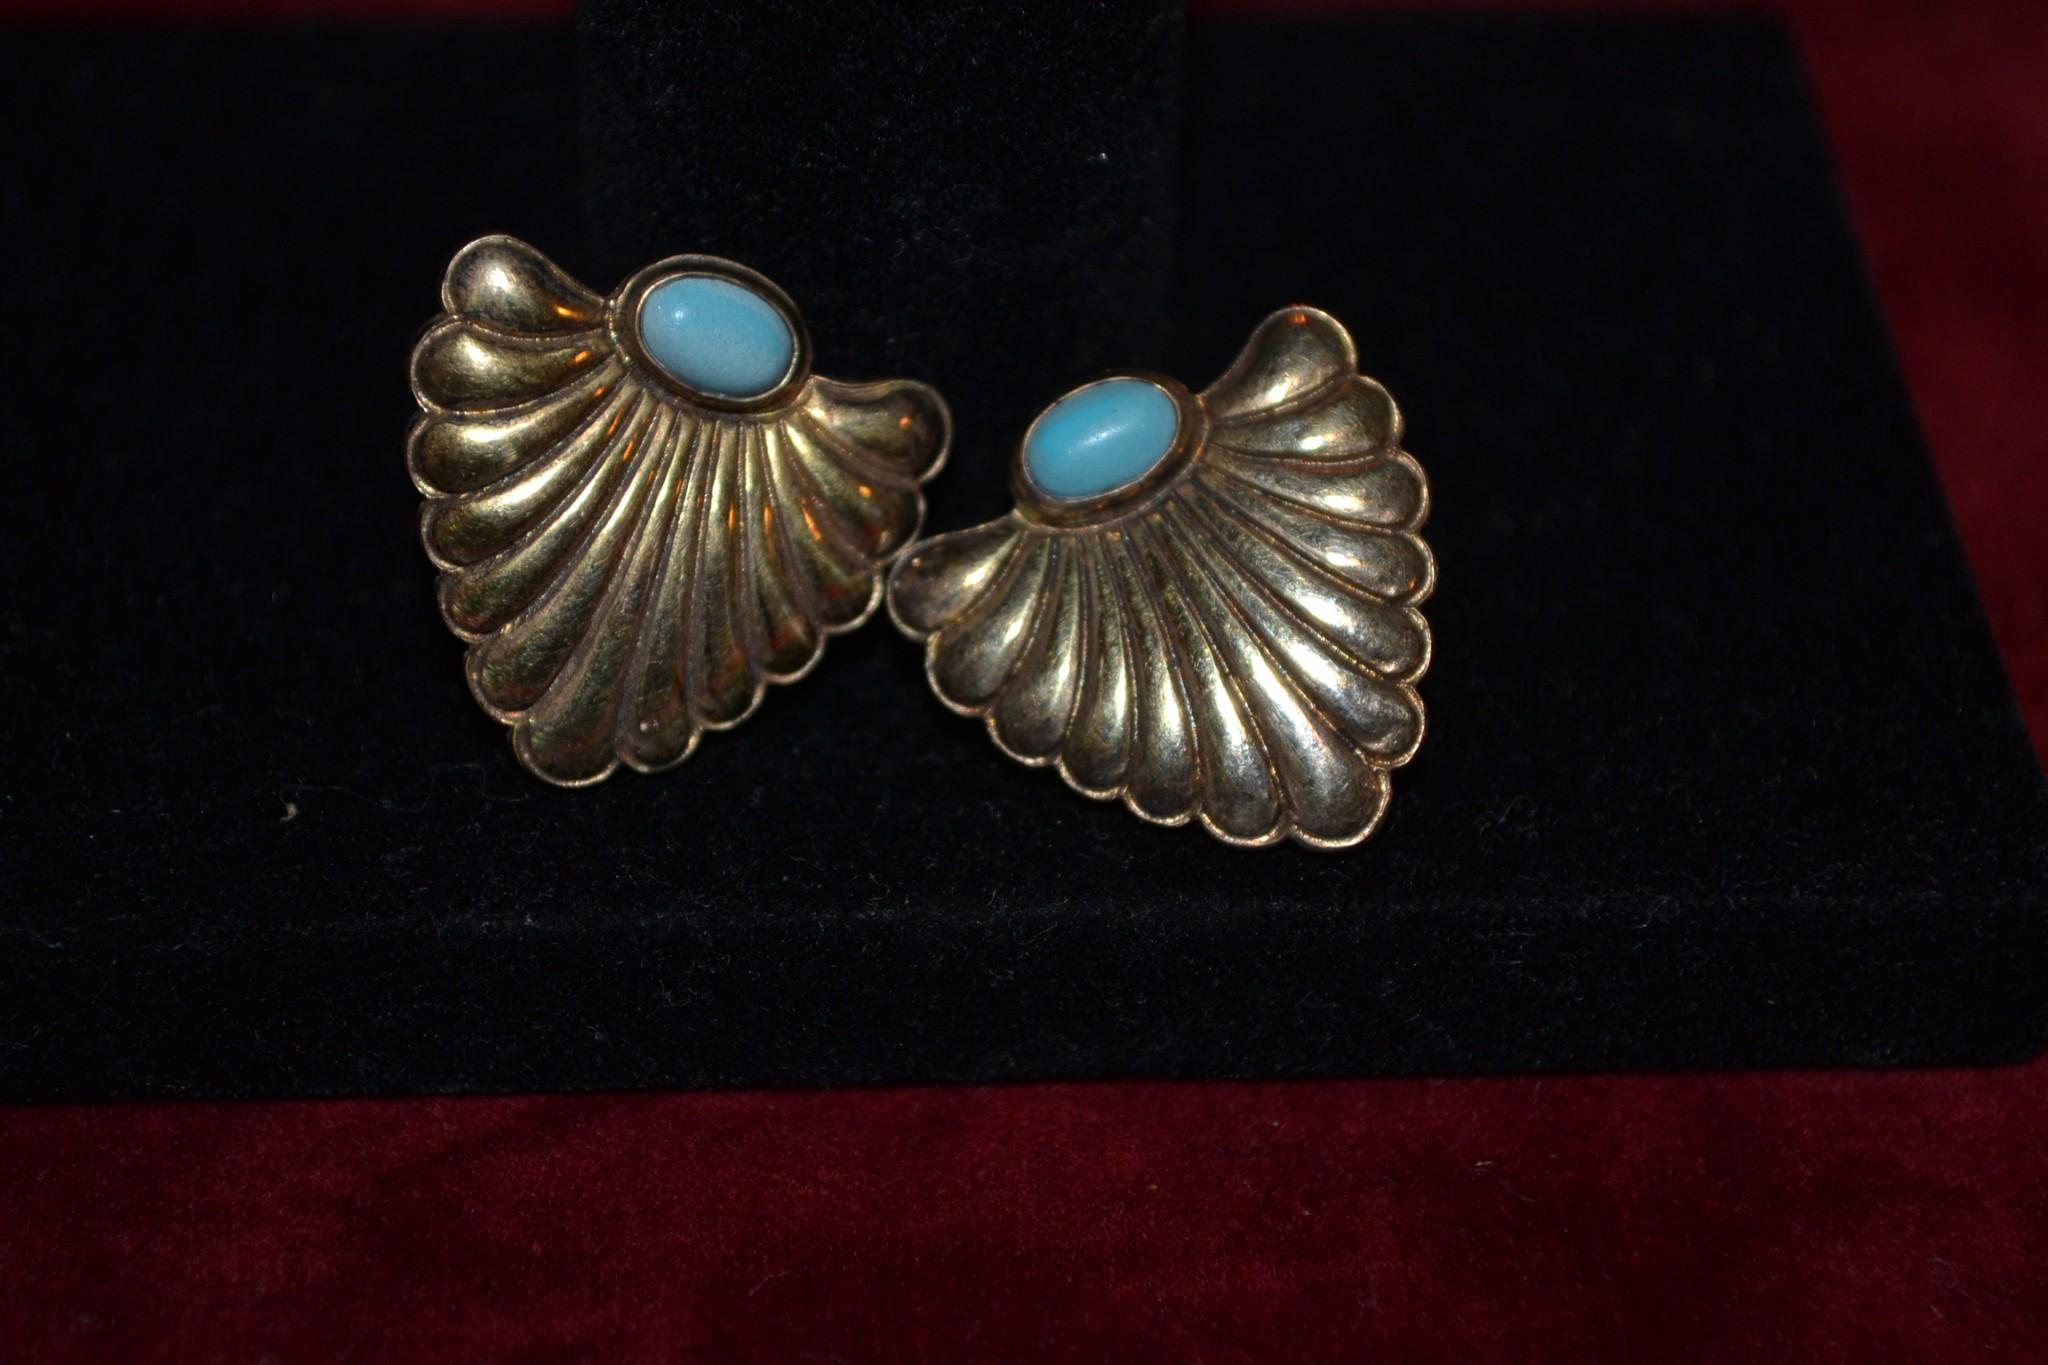 Σκουλαρίκια ασημένια-επιχρυσωμένα μέ τυρκουάζ vintage - Το μπαούλο ... 7c4cd26534d